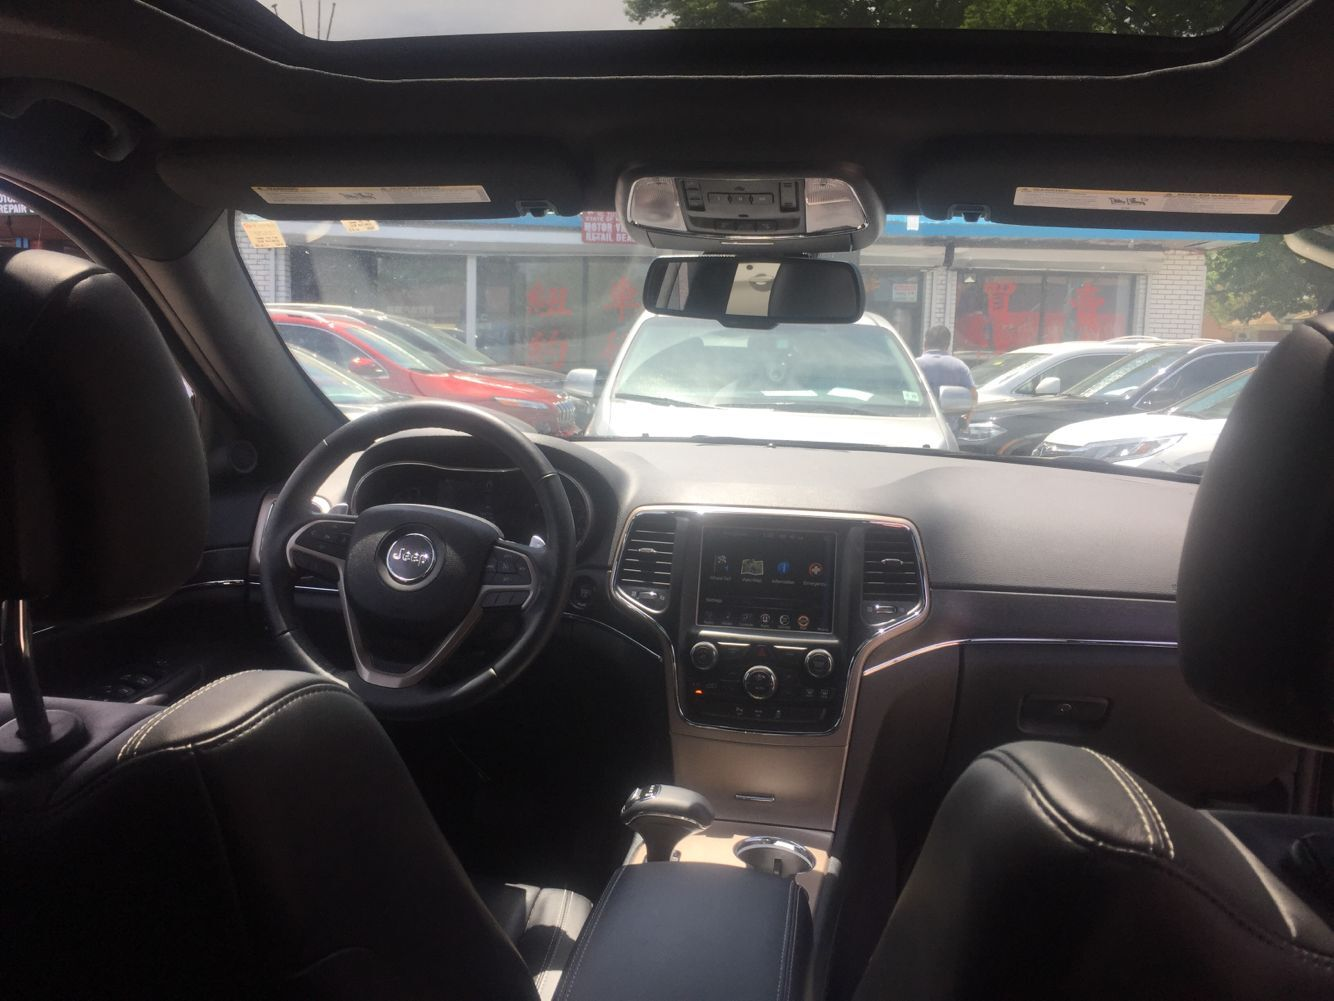 出售2015年 jeep 大切 Grand Cherokee LIMITED 里程35000miles 同城,唐人街,都市圈,海外华人,出售 第5张图片